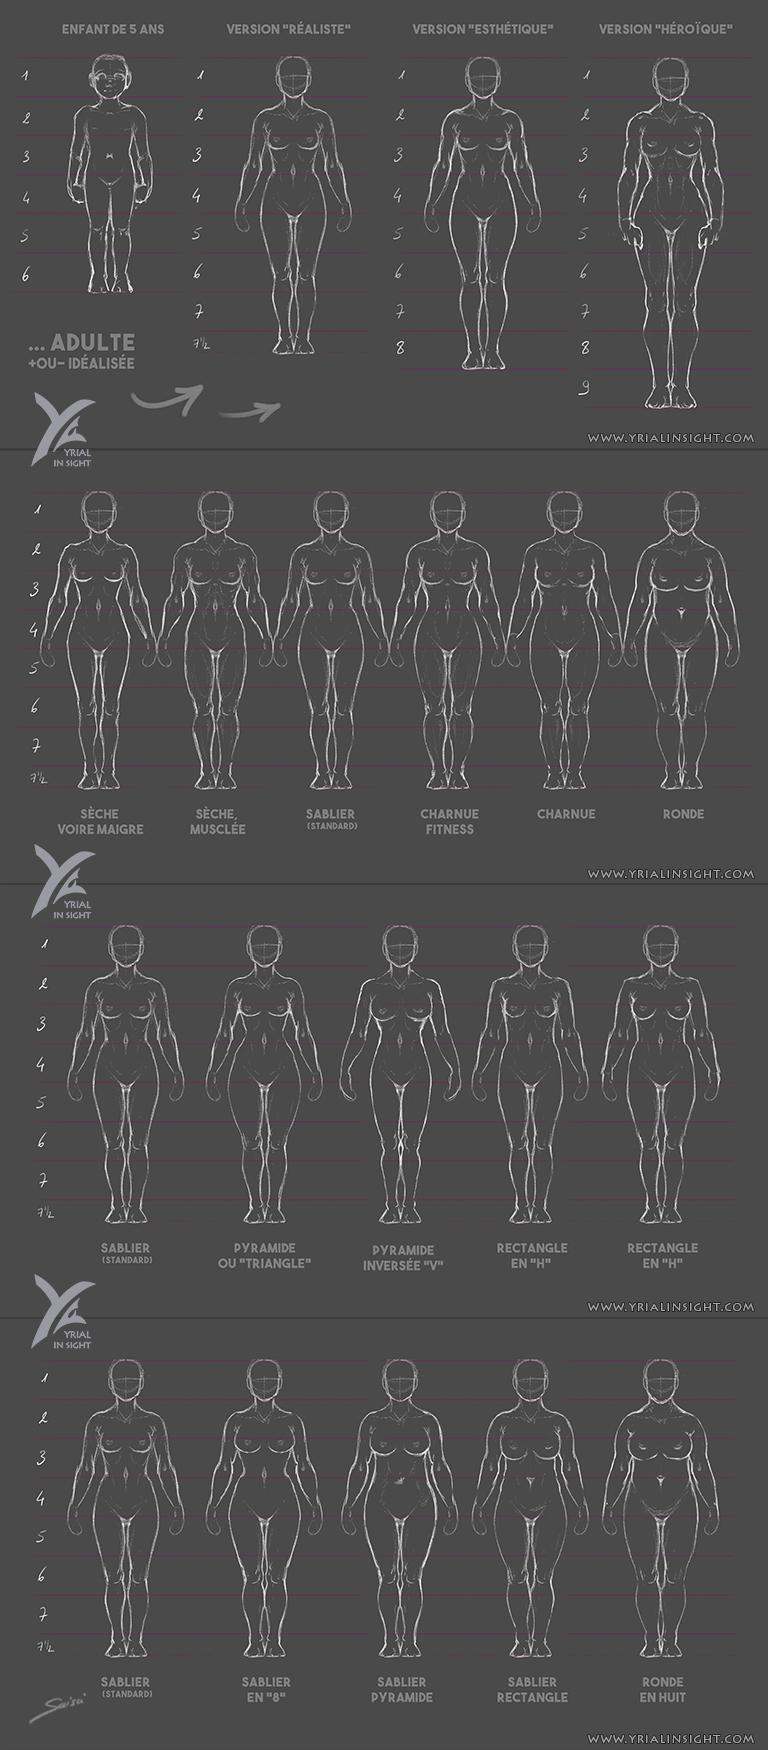 Charadesign || études des proportions du corps humain - Planches du corps féminin vu de face - différentes morphologies || Saisei Yrial in Sight